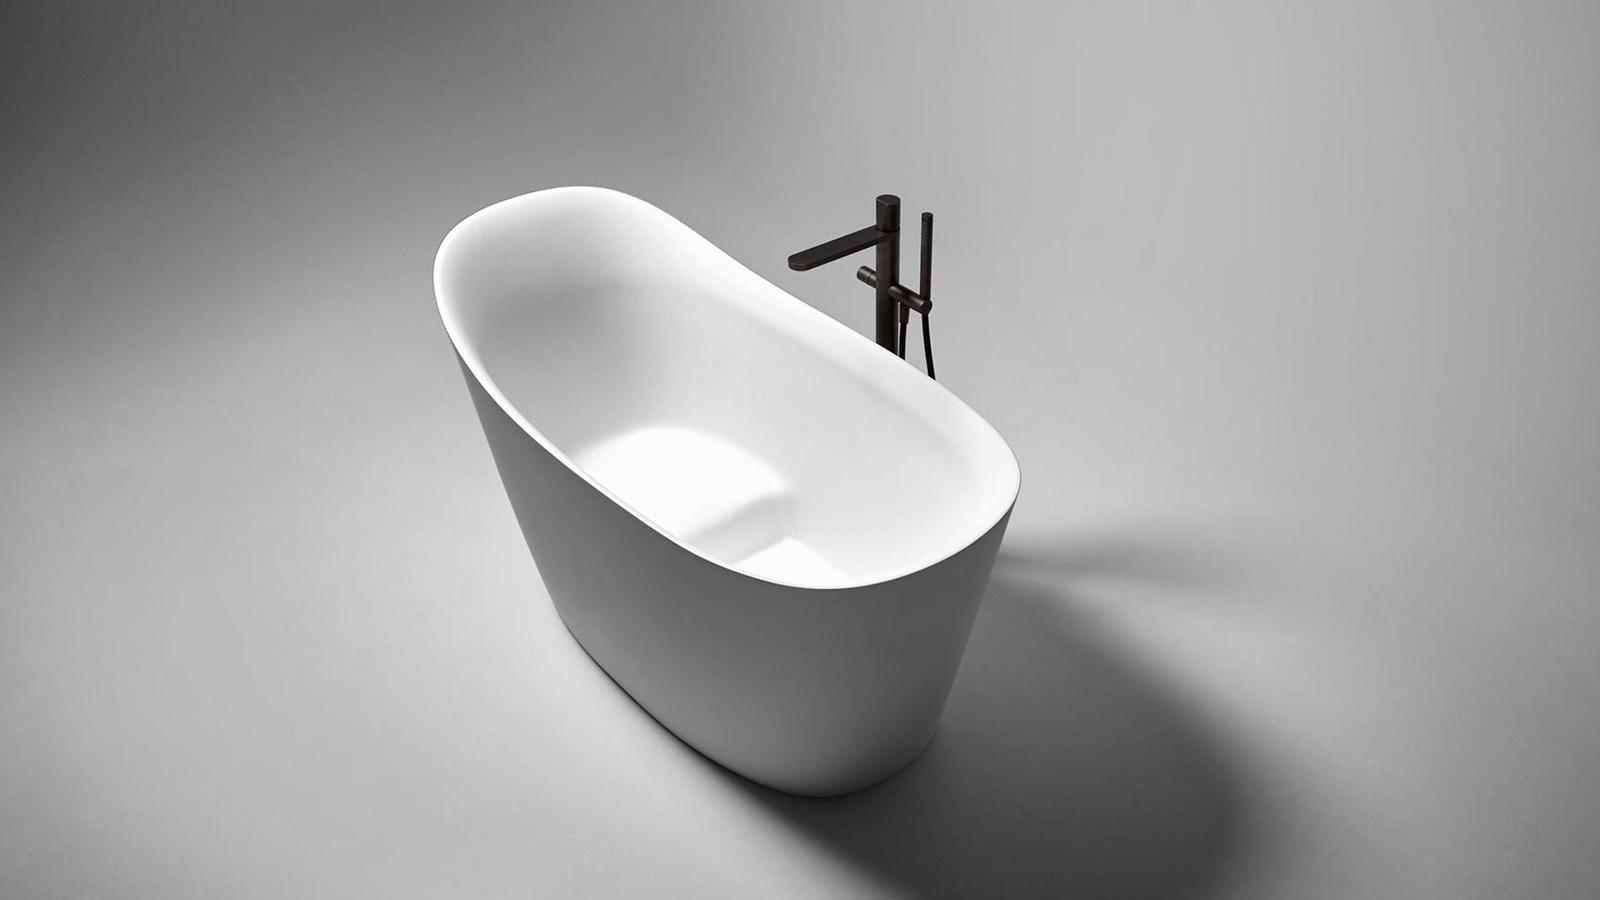 """Az olasz nyelven """"fürdődézsát"""" jelentő név igen beszédes: az antoniolupi terméke ezt az ősi formát idézi fel. A kád, mely lágy vonalakkal és puha felületekkel jeleníti meg ezt a tárgy-archetípust, ergonómiailag igen átgondolt darab: beépített ülőfelülete révén kis mérete ellenére is igen kényelmes pihenést tesz lehetővé, akár 195 cm magas fürdőzők számára is."""